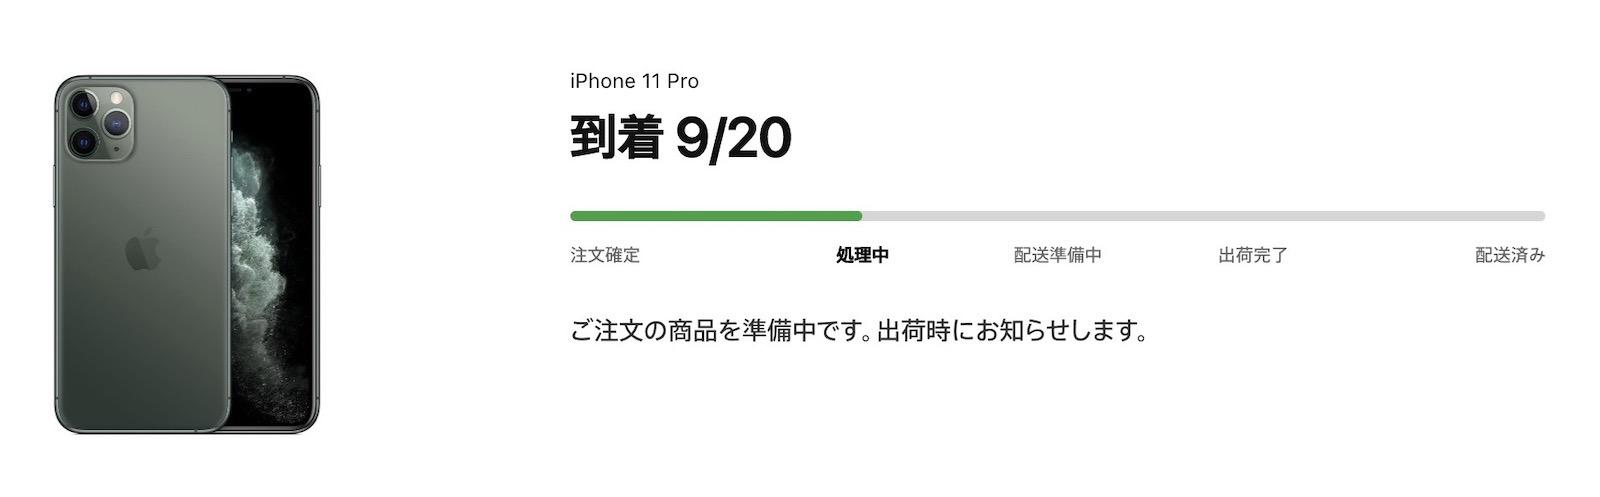 iPhone 11 Pro ミッドナイトグリーン 256GB